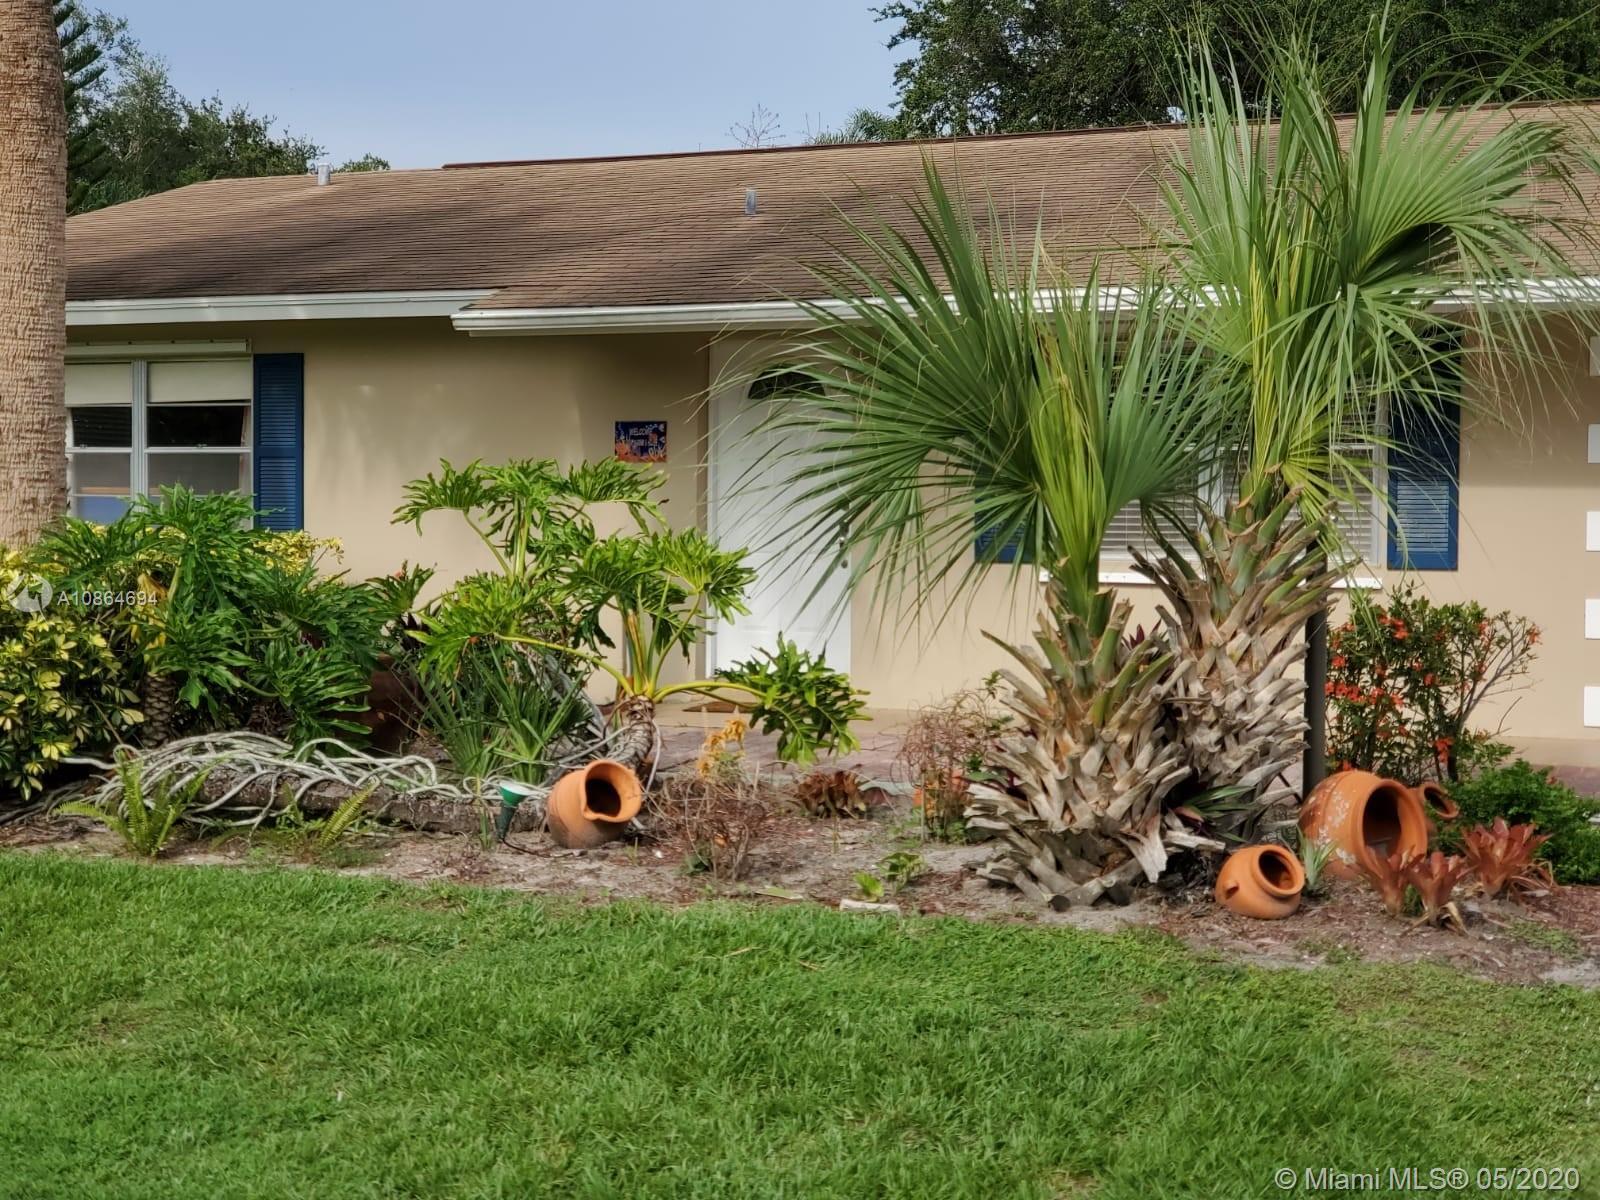 736 14th Ave, Vero Beach, FL 32962